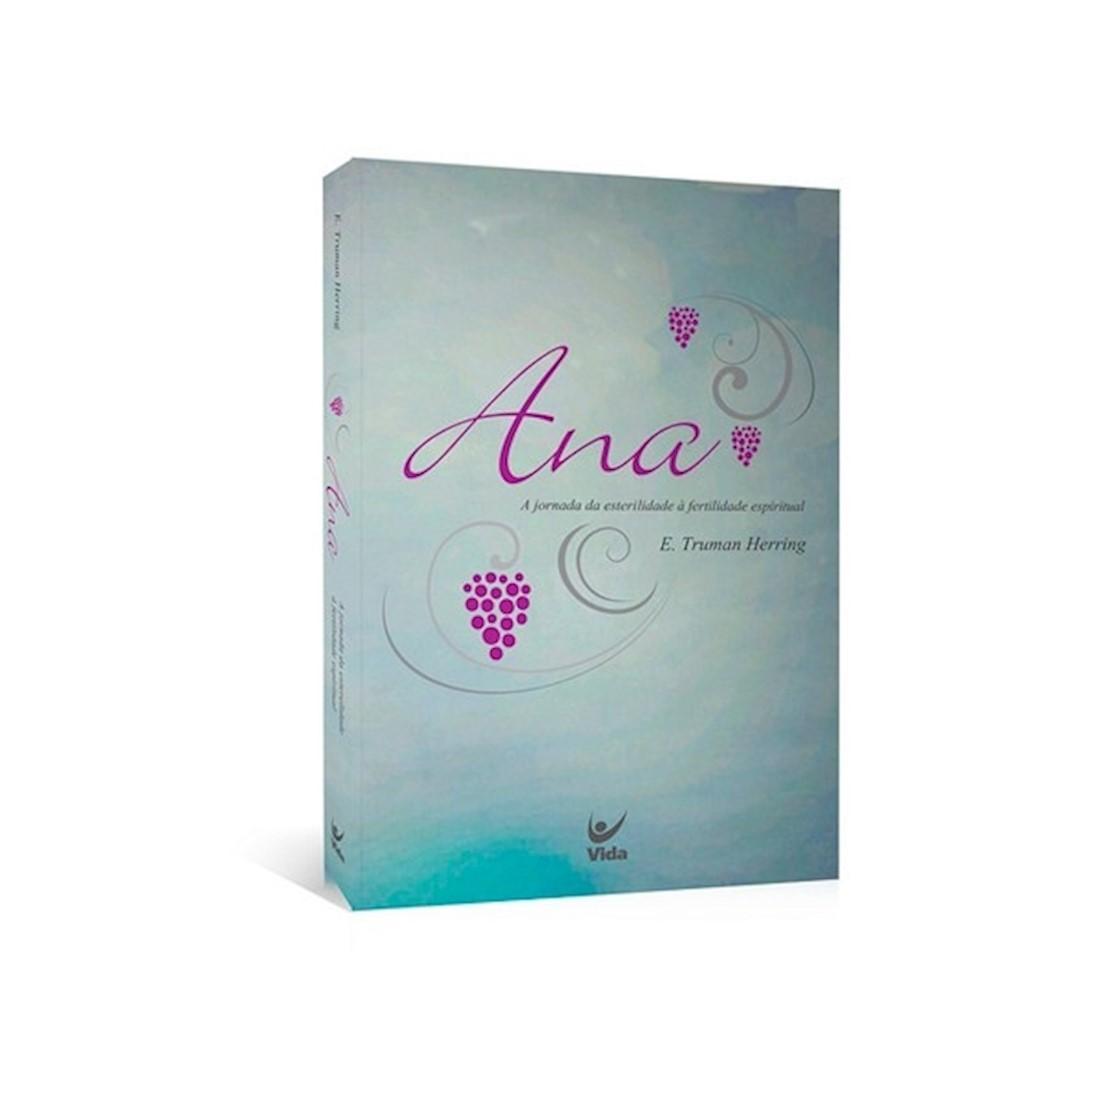 Livro Ana - A Jornada da Esterilidade à Fertilidade Espiritual